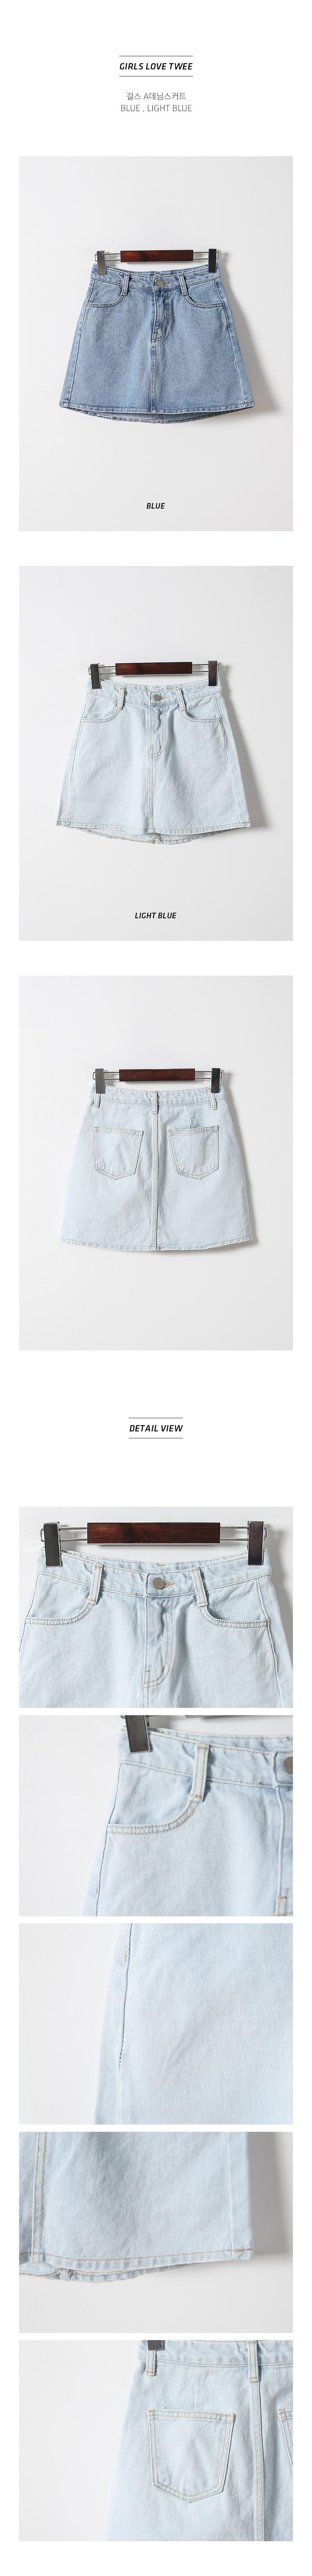 Girls A denim skirt